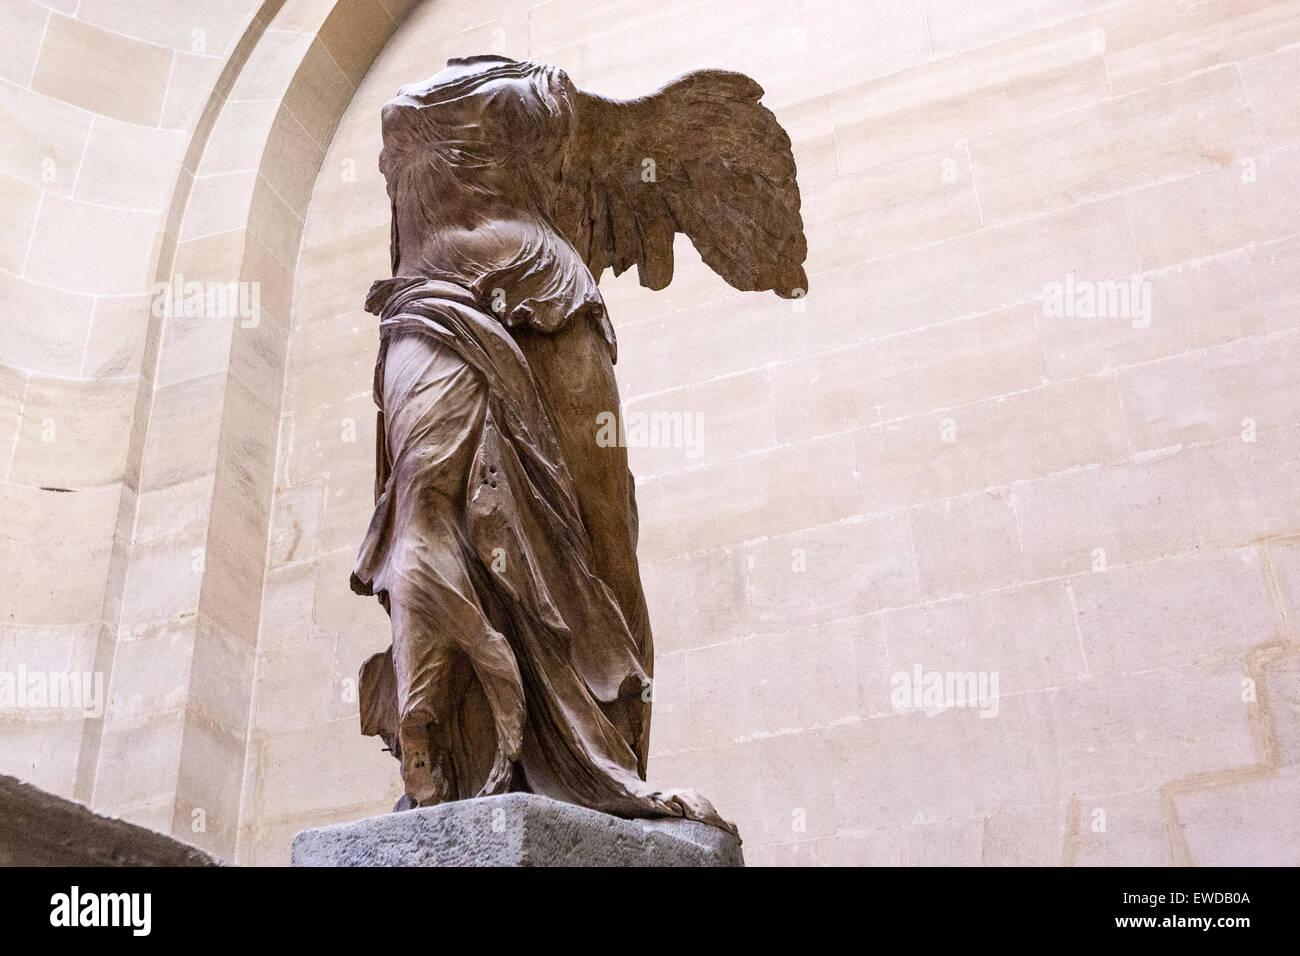 muy Práctico Nylon  La Victoria Alada de Samotracia, escultura de mármol de la diosa griega Nike  (Victoria). Museo del Louvre Fotografía de stock - Alamy